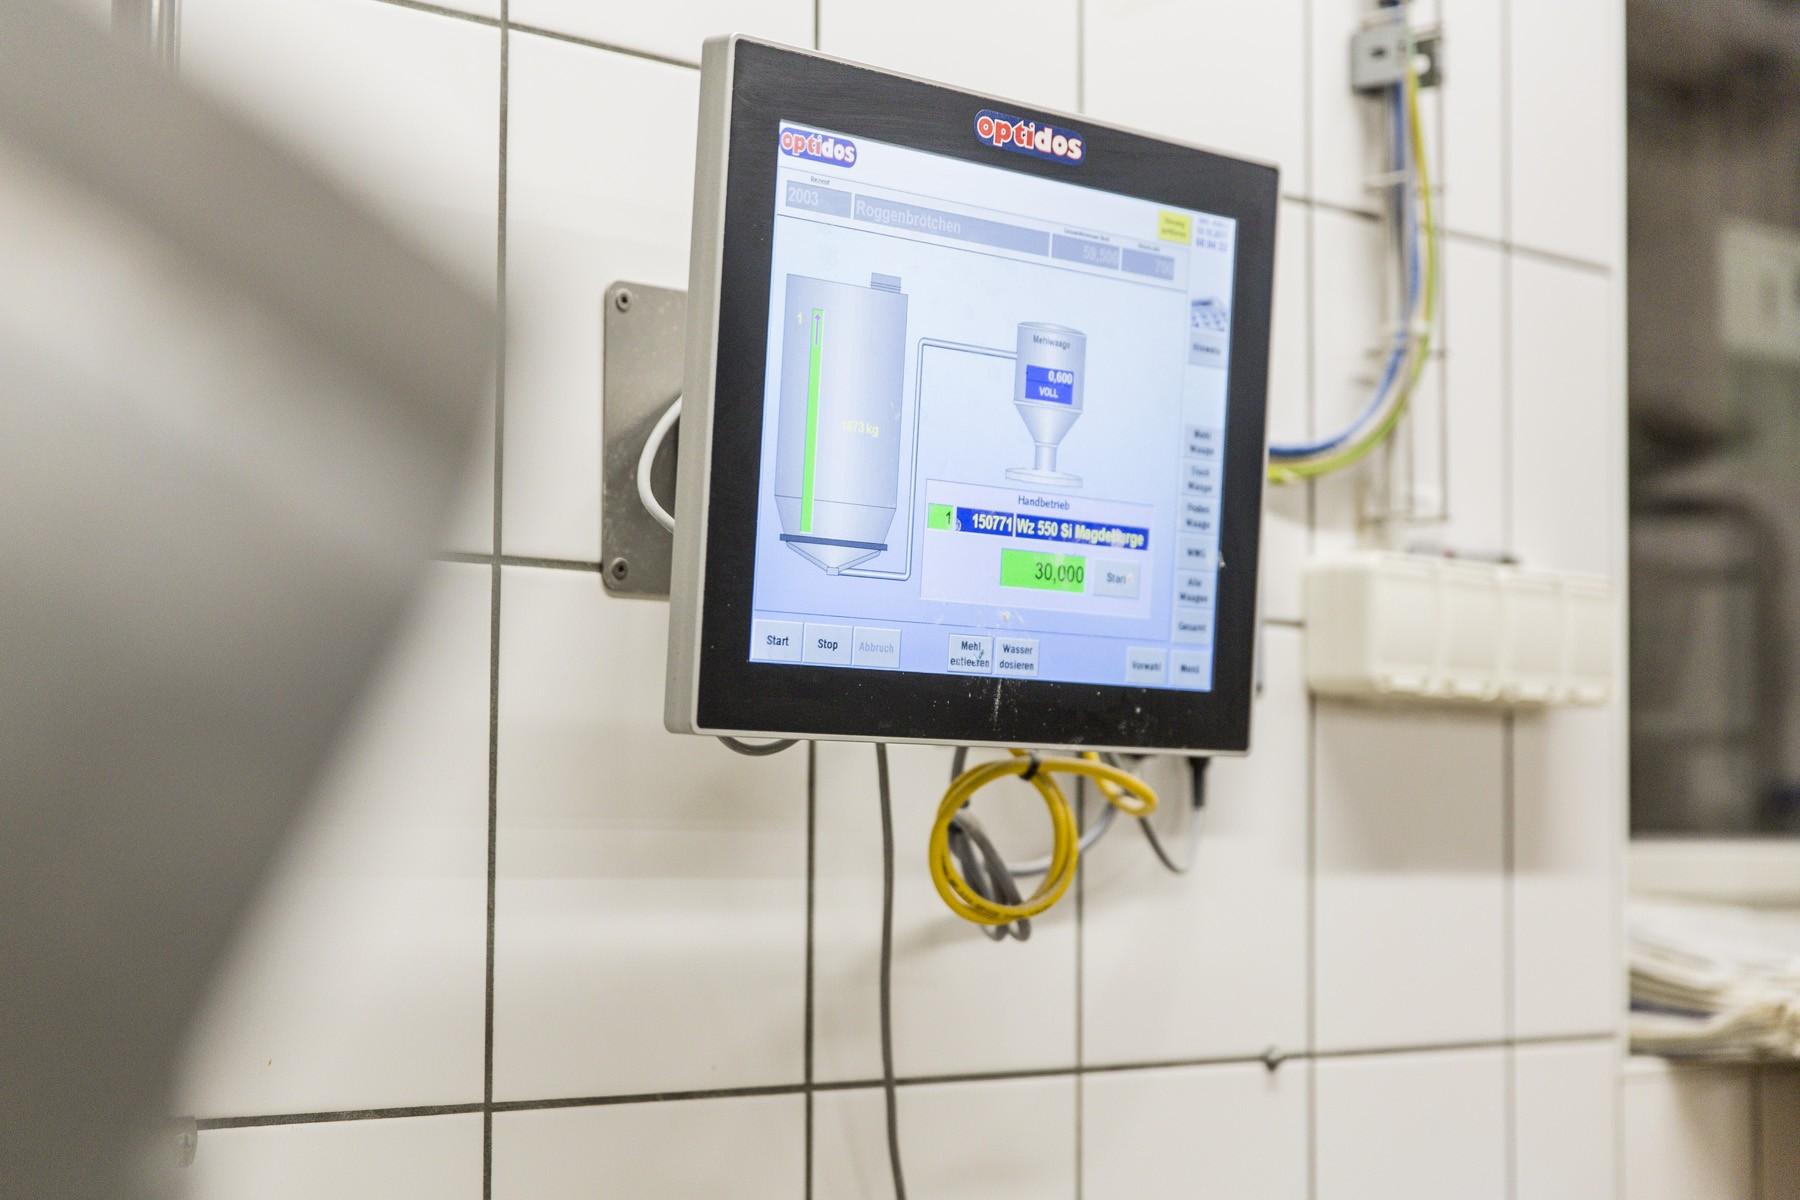 Computer helfen, die Qualität sicherzustellen und zu erhöhen. (Foto: Landbäckerei Schröder)